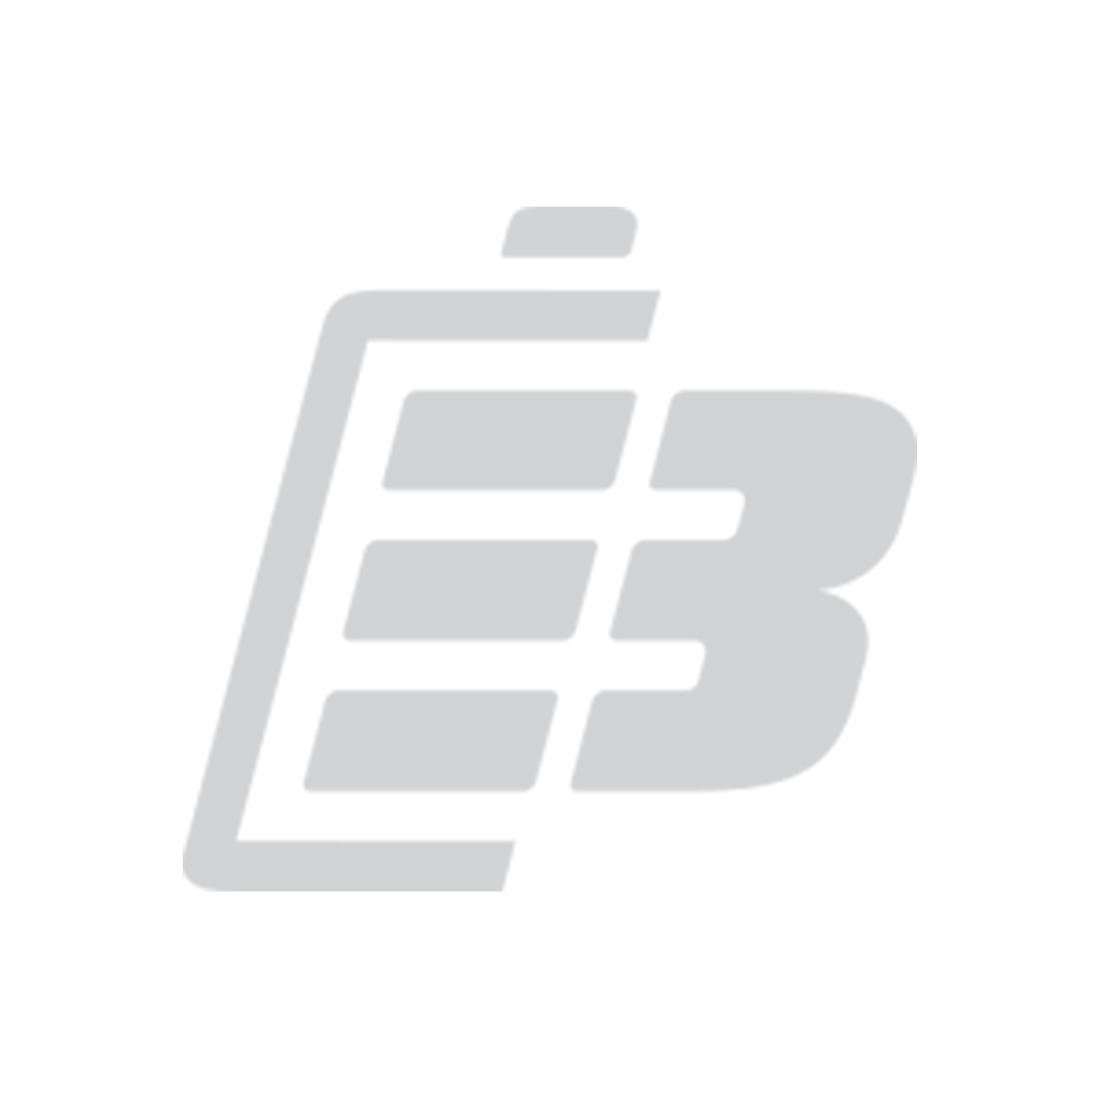 Laptop battery Lenovo Thinkpad T440P_1